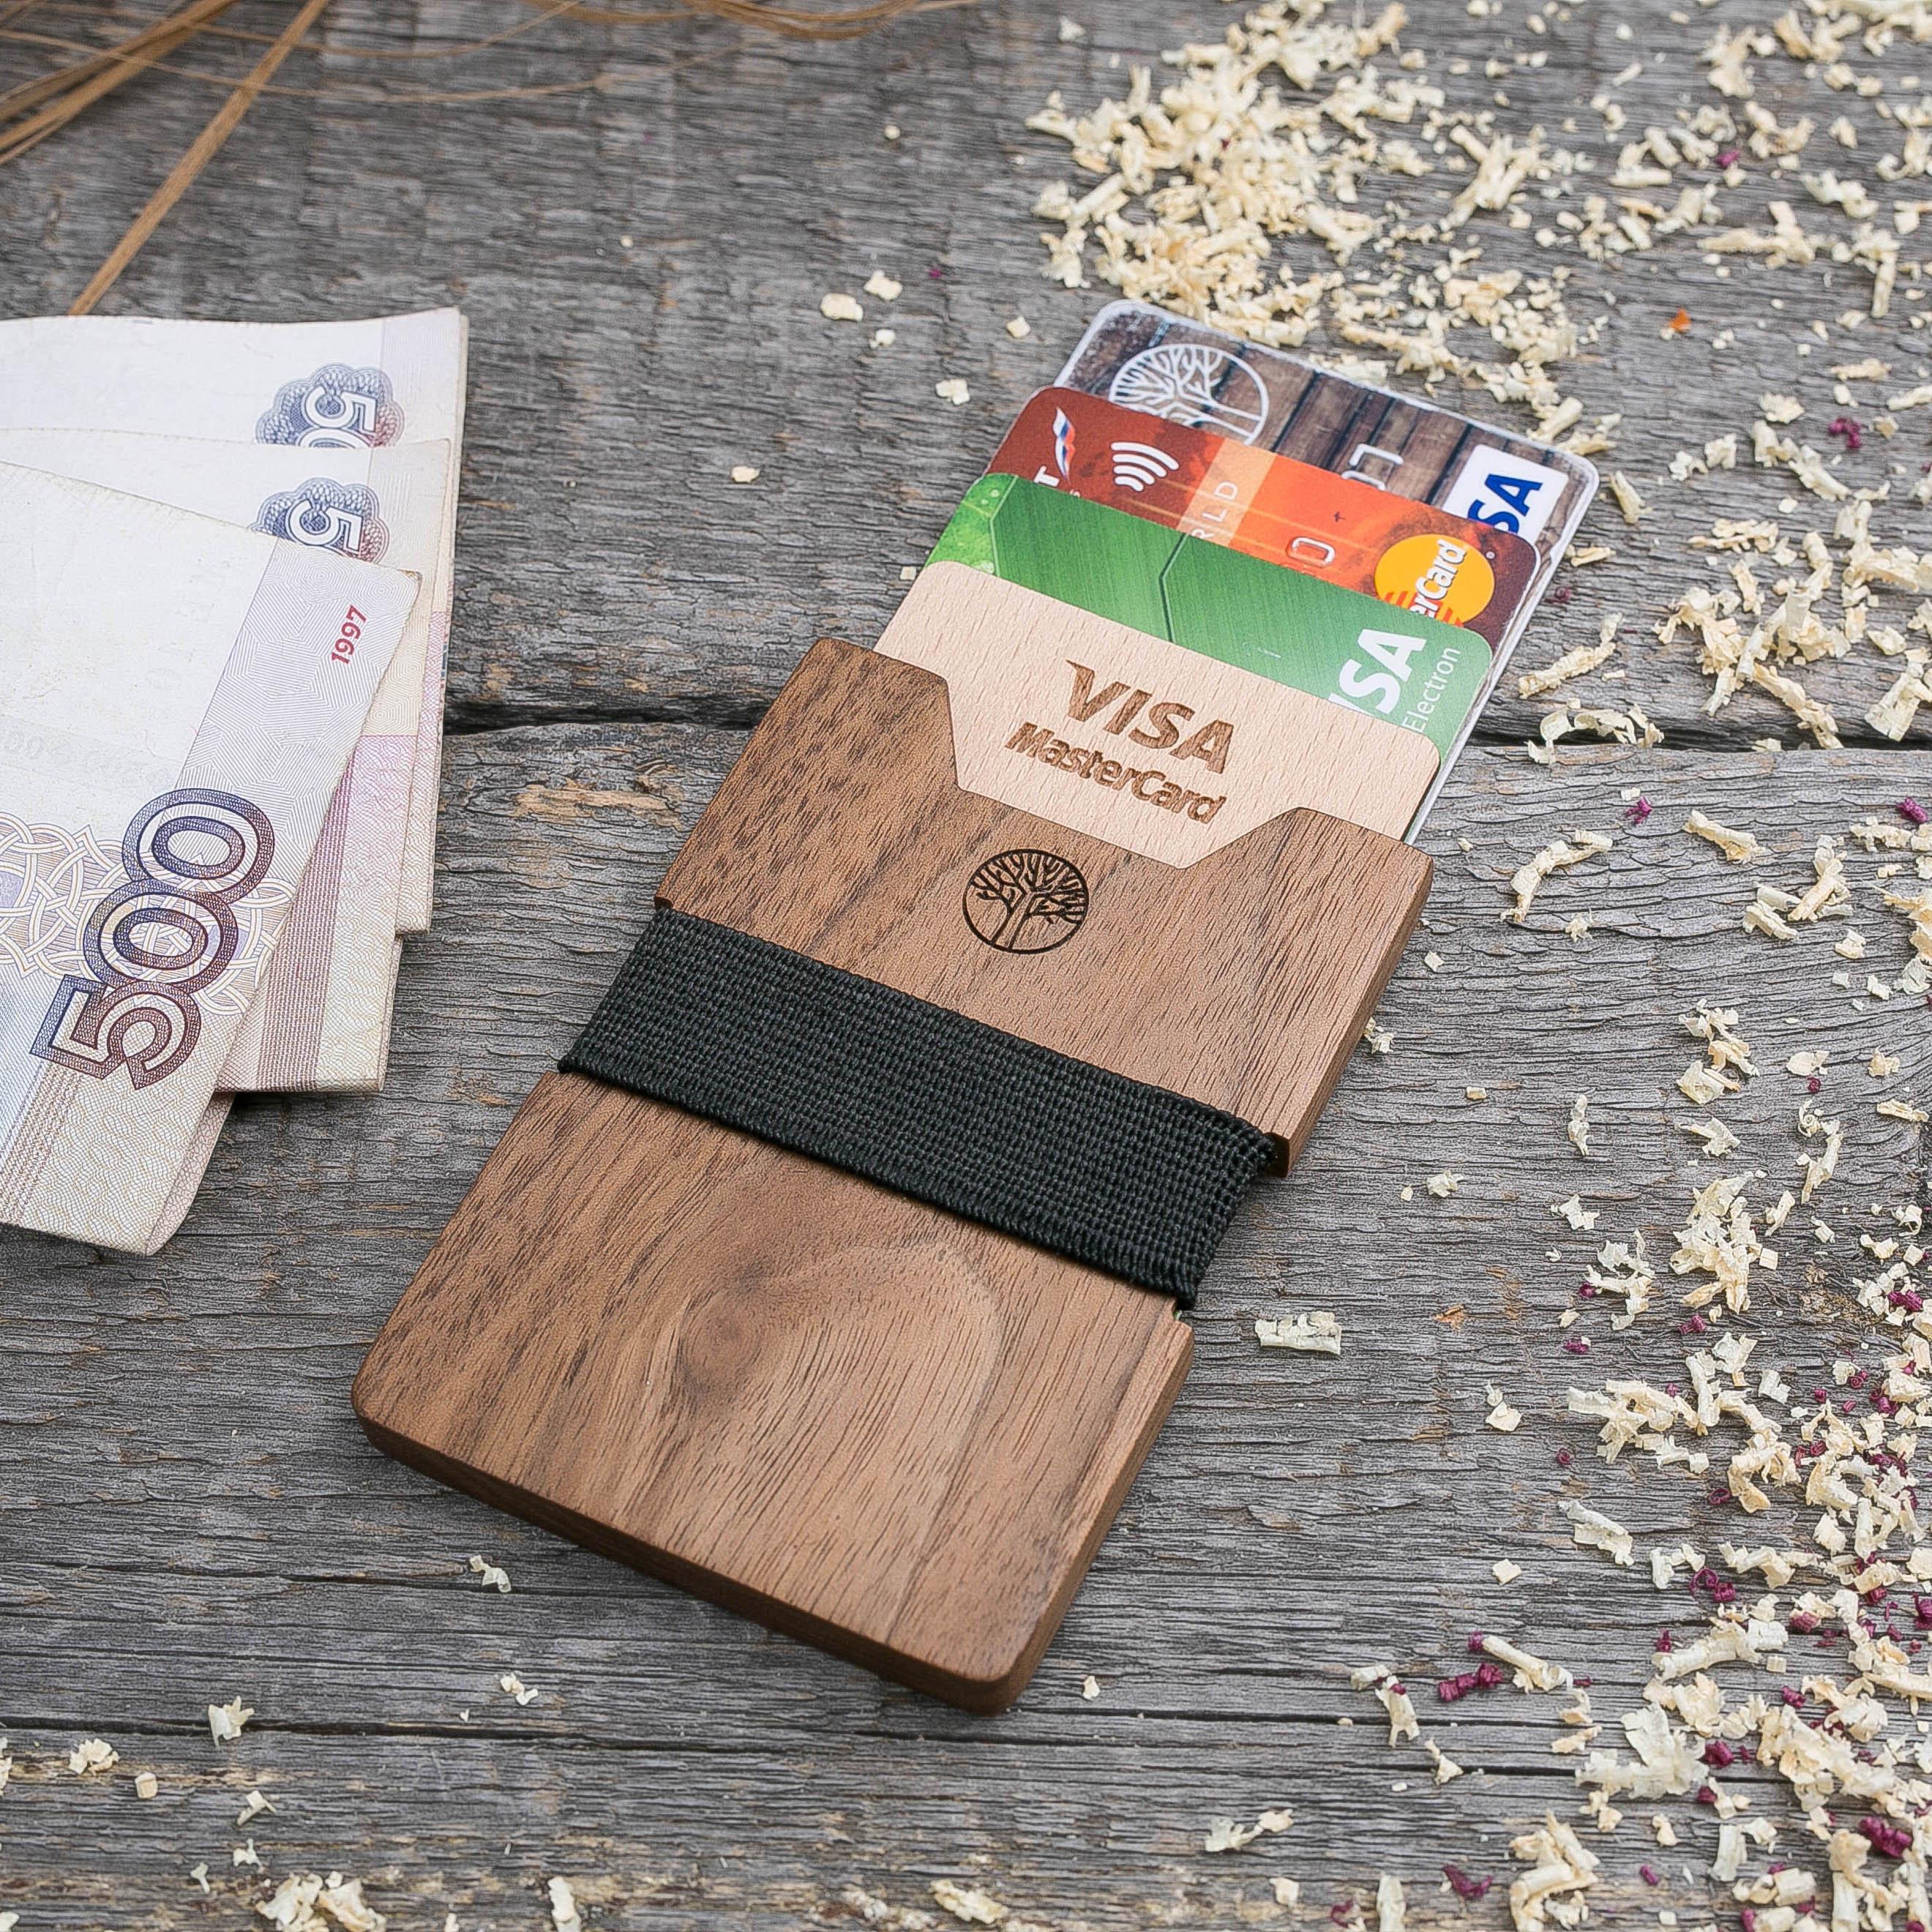 Деревянный кошелек из американского ореха. Вертикальная загрузка. Для 1-6 пластиковых карт и купюр. Поддержка Apple Pay. Гравировка имени или логотипа. Бизнес сувенир. Подарок другу. Именной кошелек TwinsWallet-WalnutV